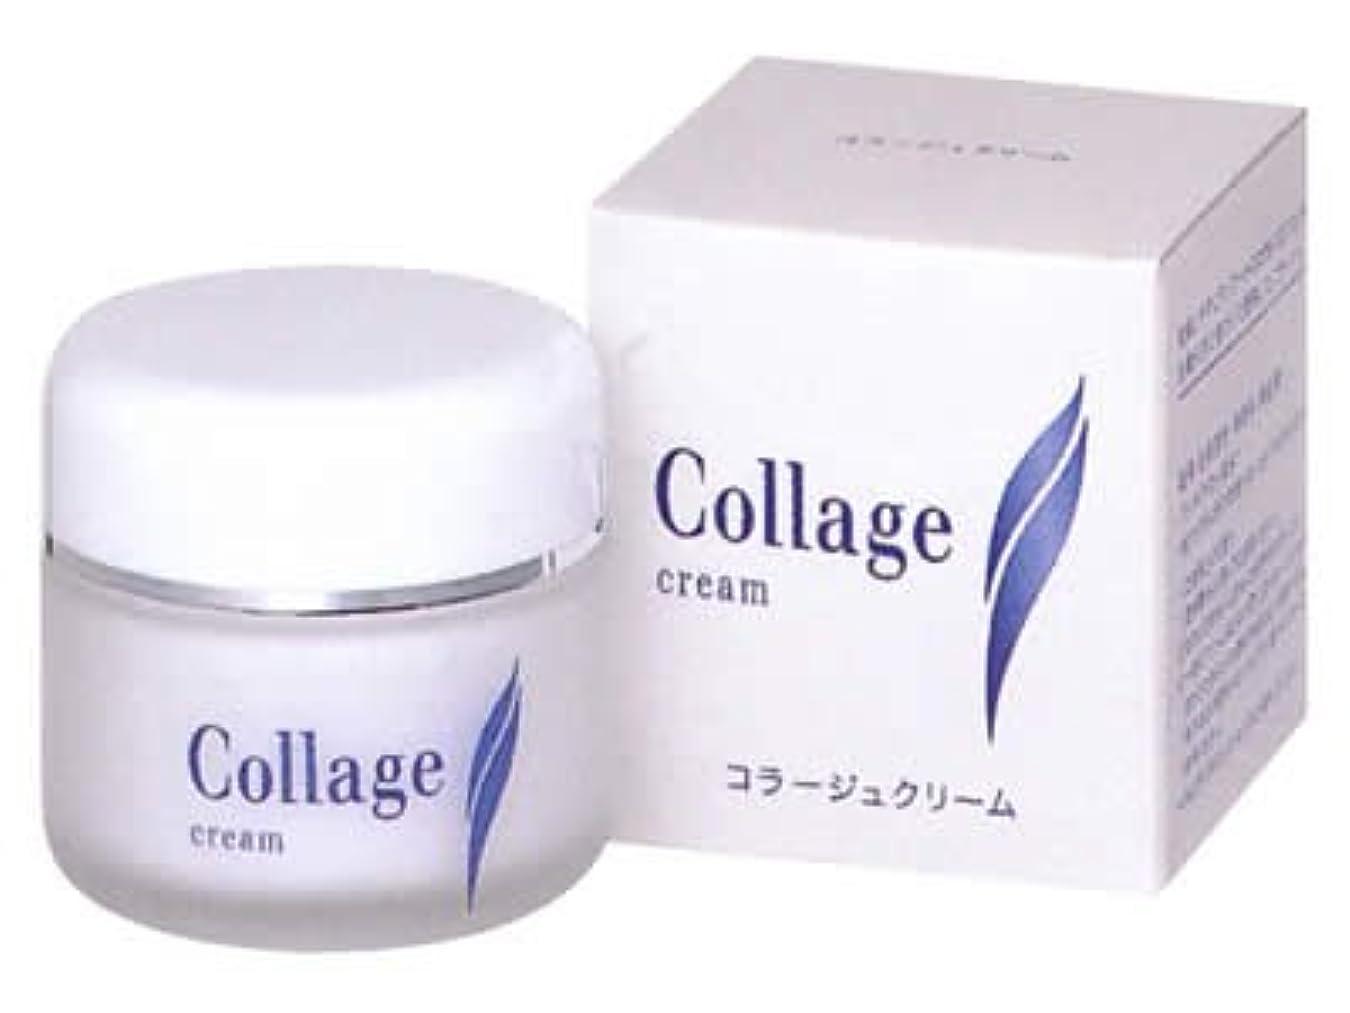 繊維請願者百万コラージュ クリームS 35g (医薬部外品)